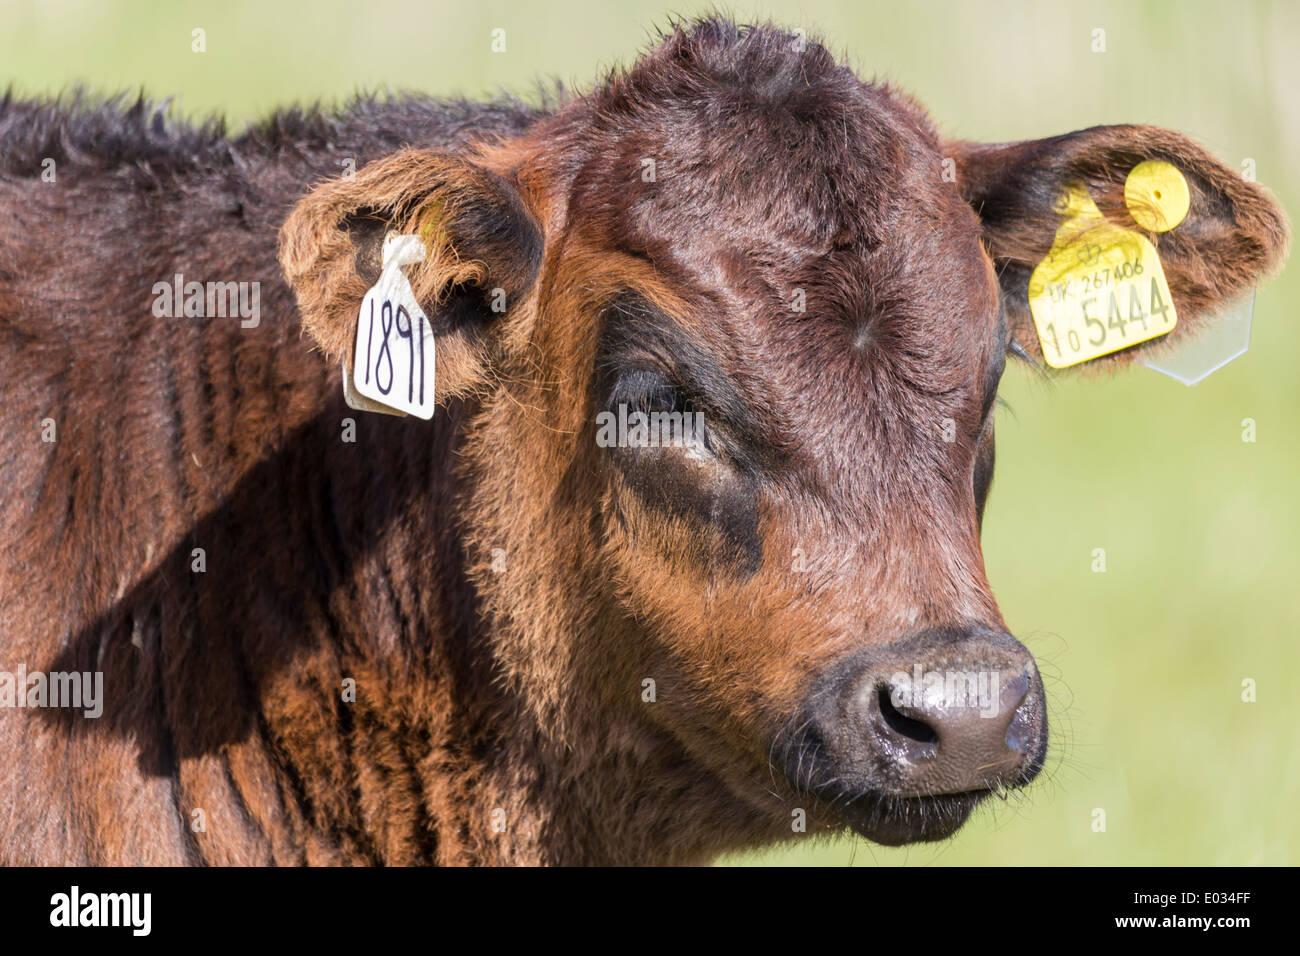 Rinder-ID Identität Ohrmarken-Tag Stockfoto